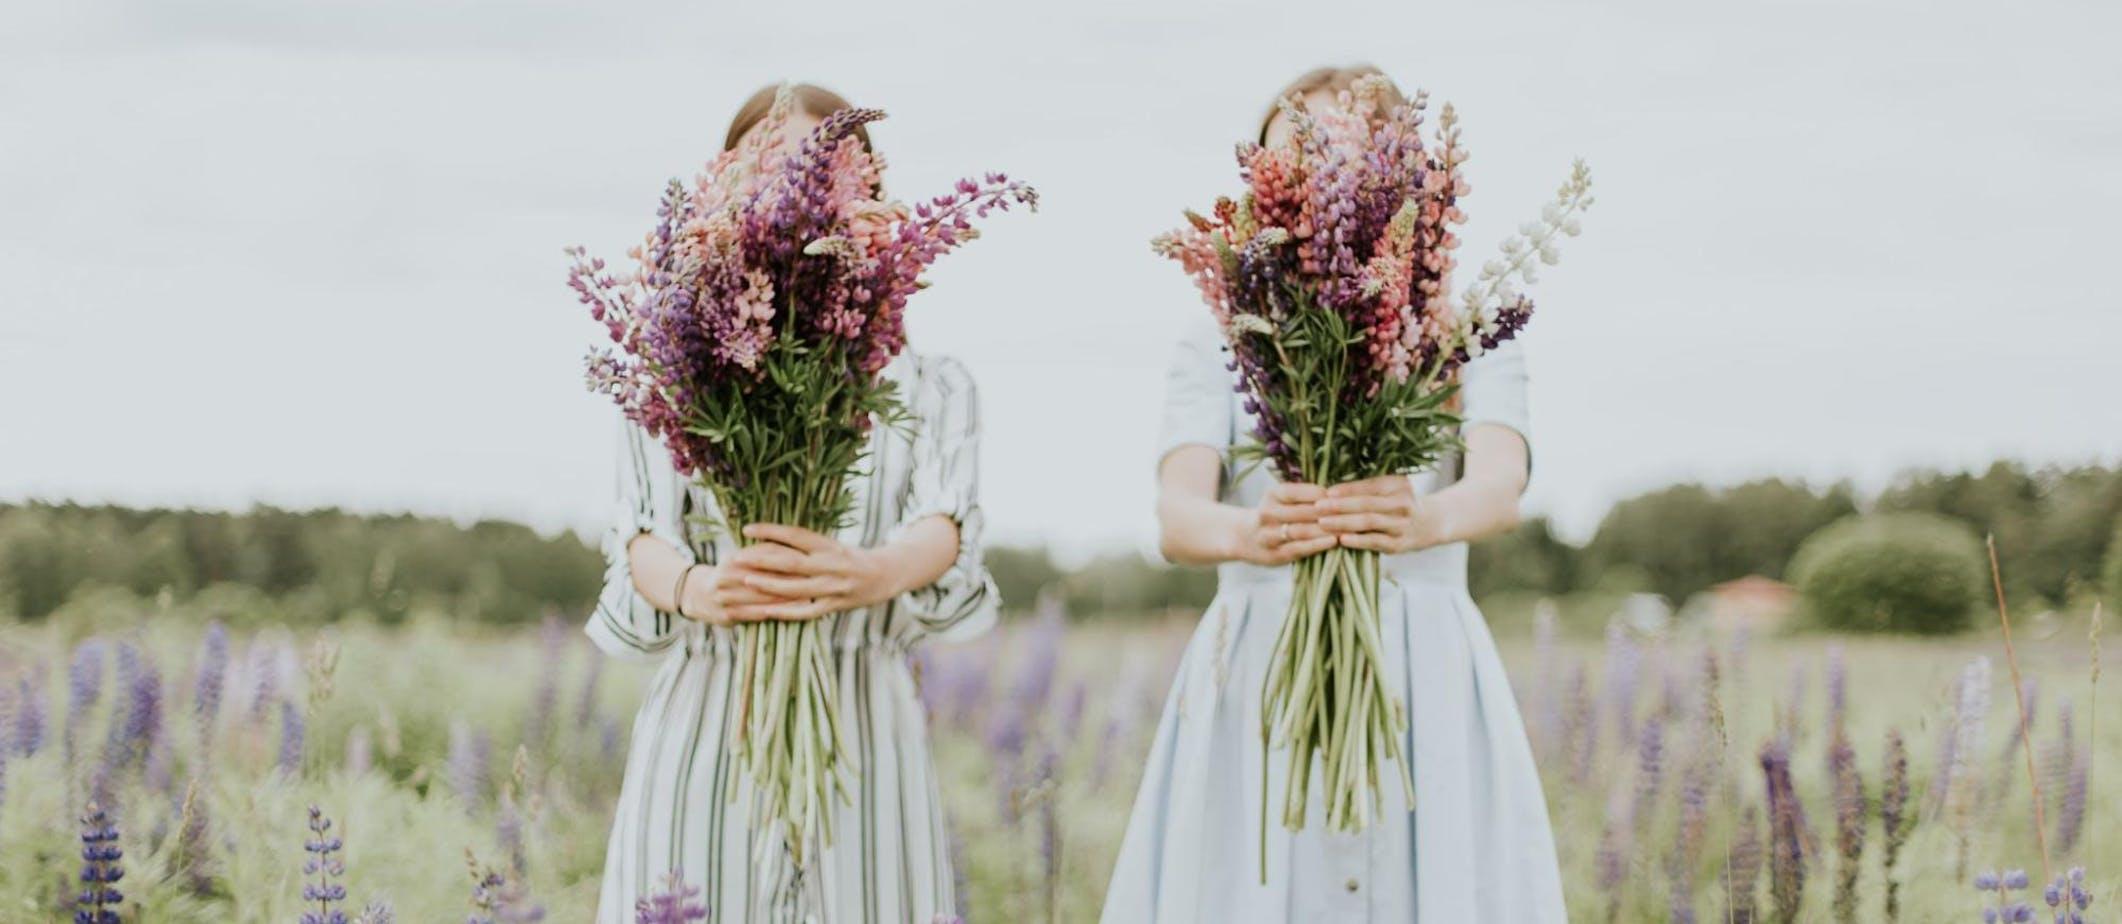 deux jeunes femmes tenant des bouquets de fleurs